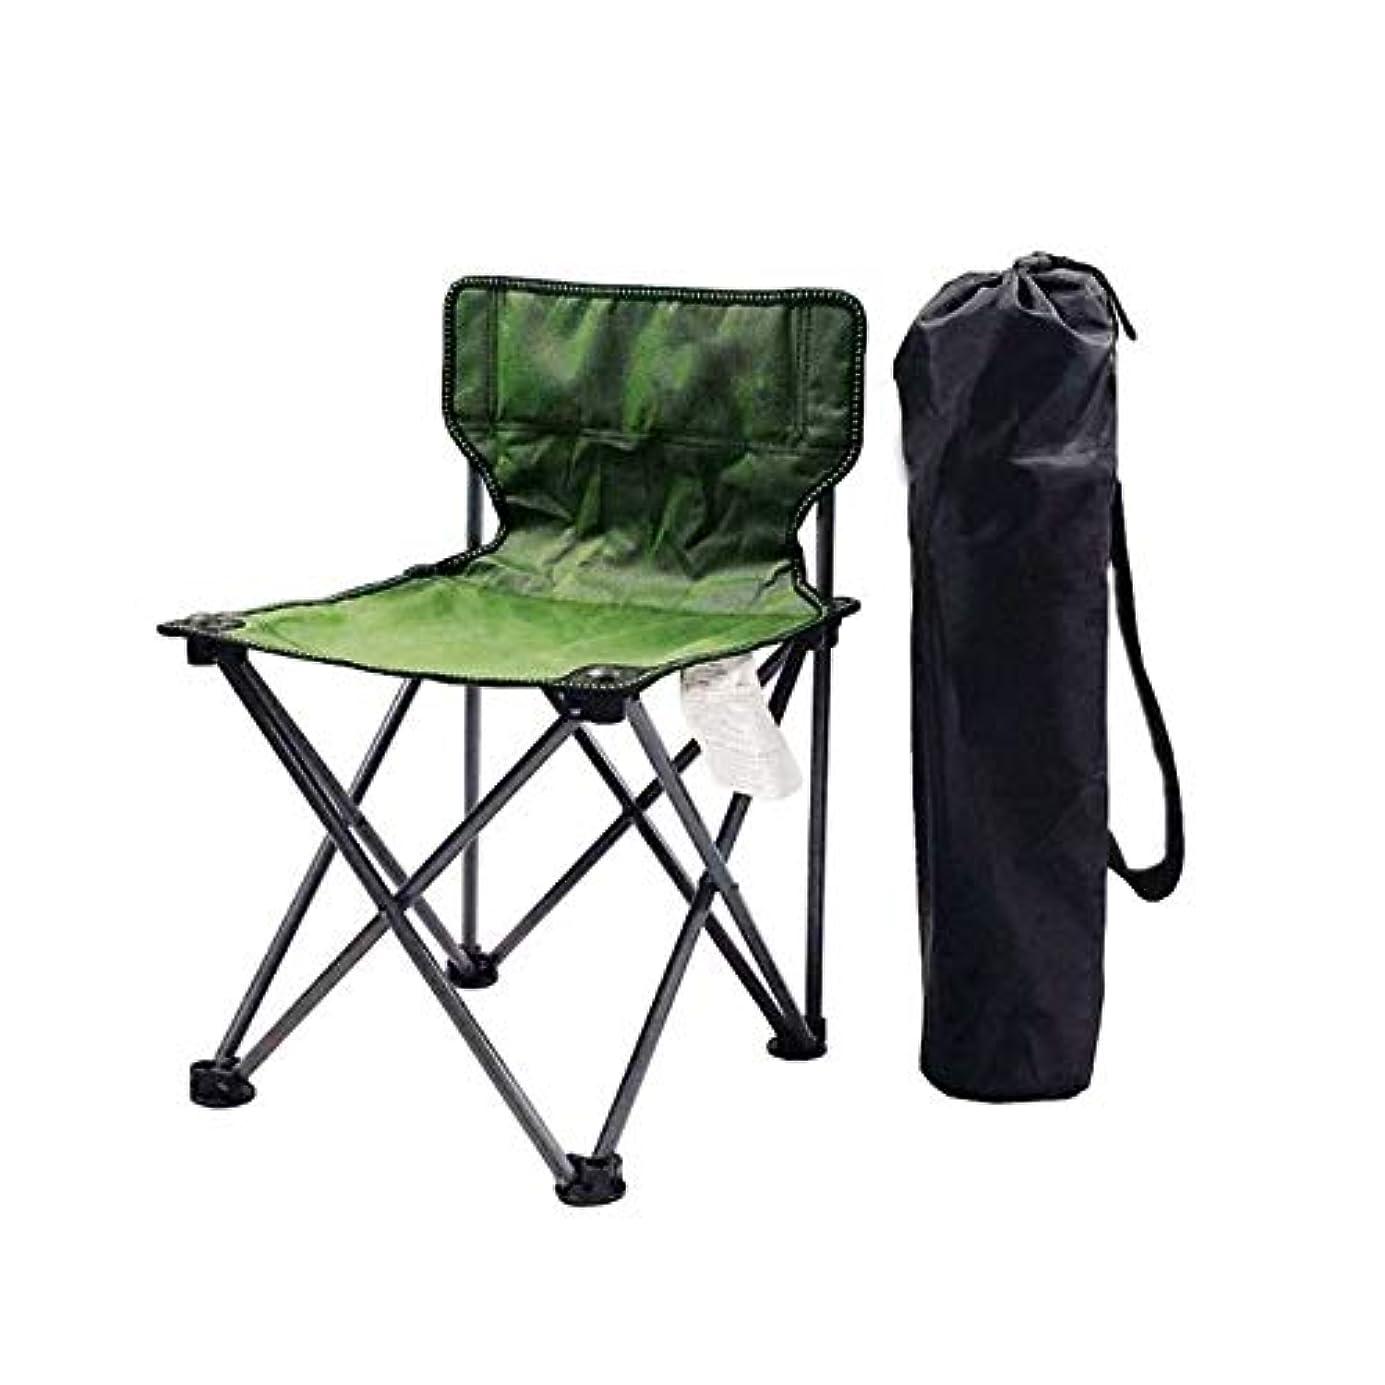 主流打ち負かすダーベビルのテスアウトドア折りたたみ椅子 折りたたみ通気性メッシュアルミキャンプ釣りガーデンチェアポータブルディレクターズチェア (色 : 緑)